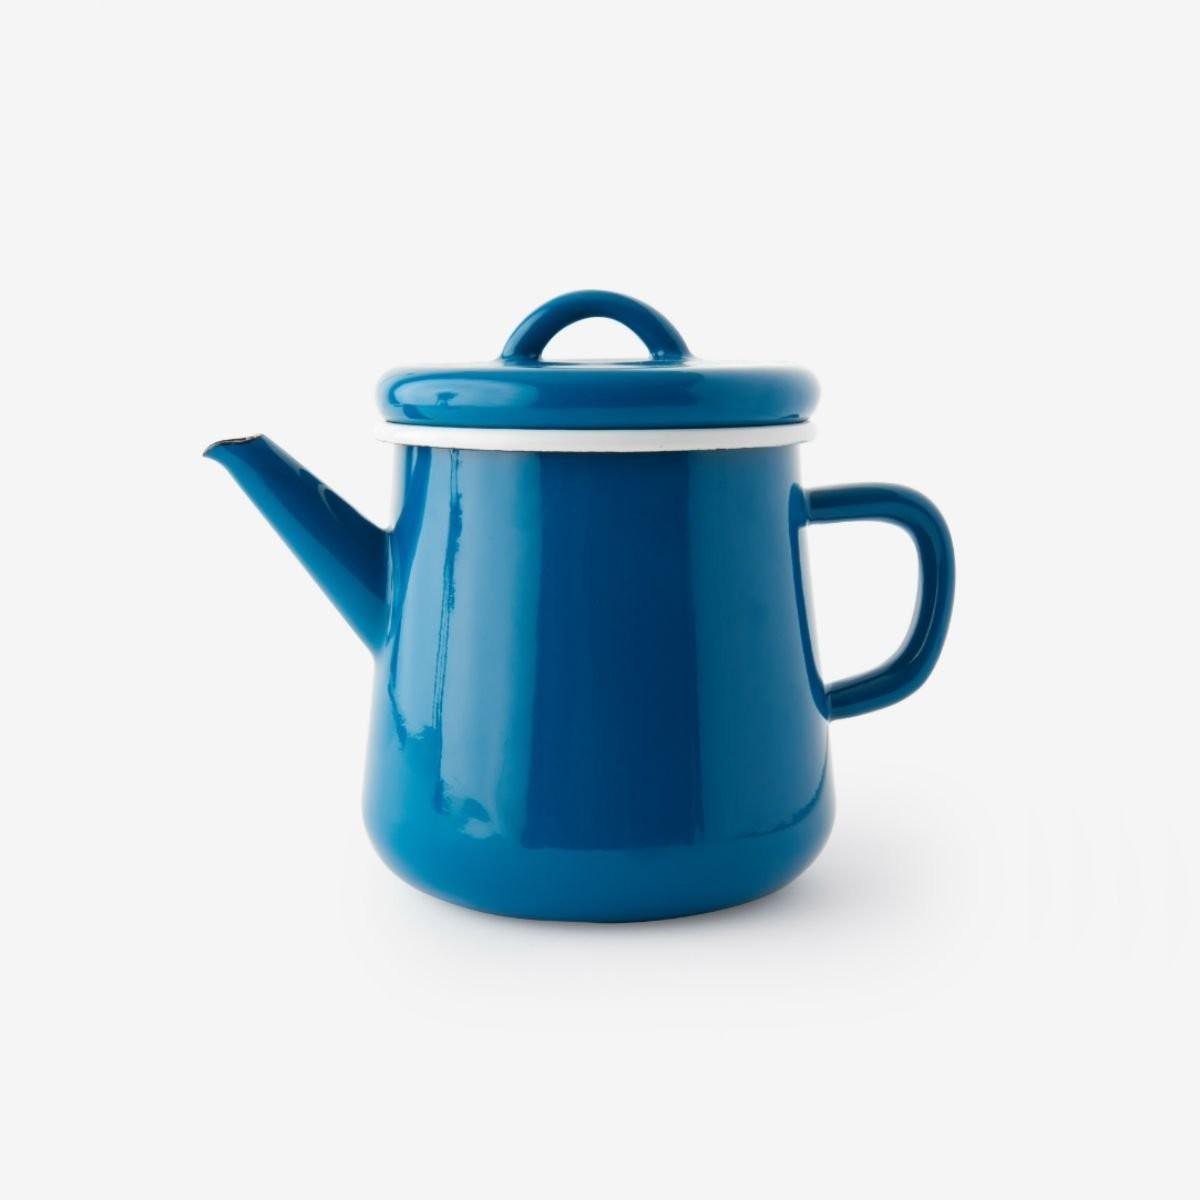 Modrá čajová konvice